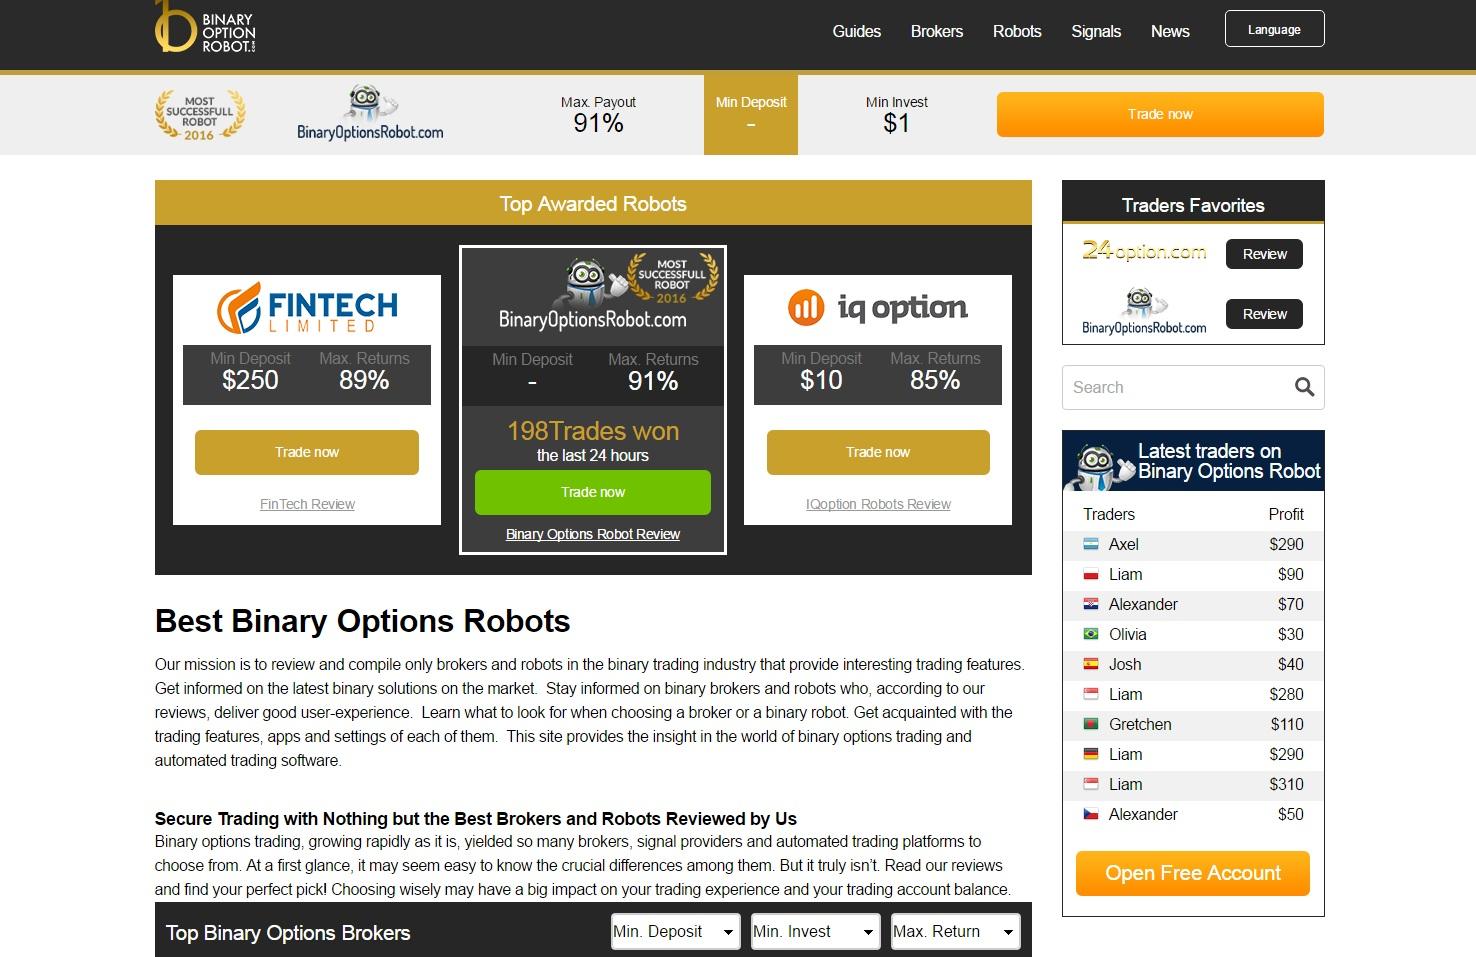 roboți pentru recenziile de opțiuni binare câștigați bani pe Internet în versiunea mobilă